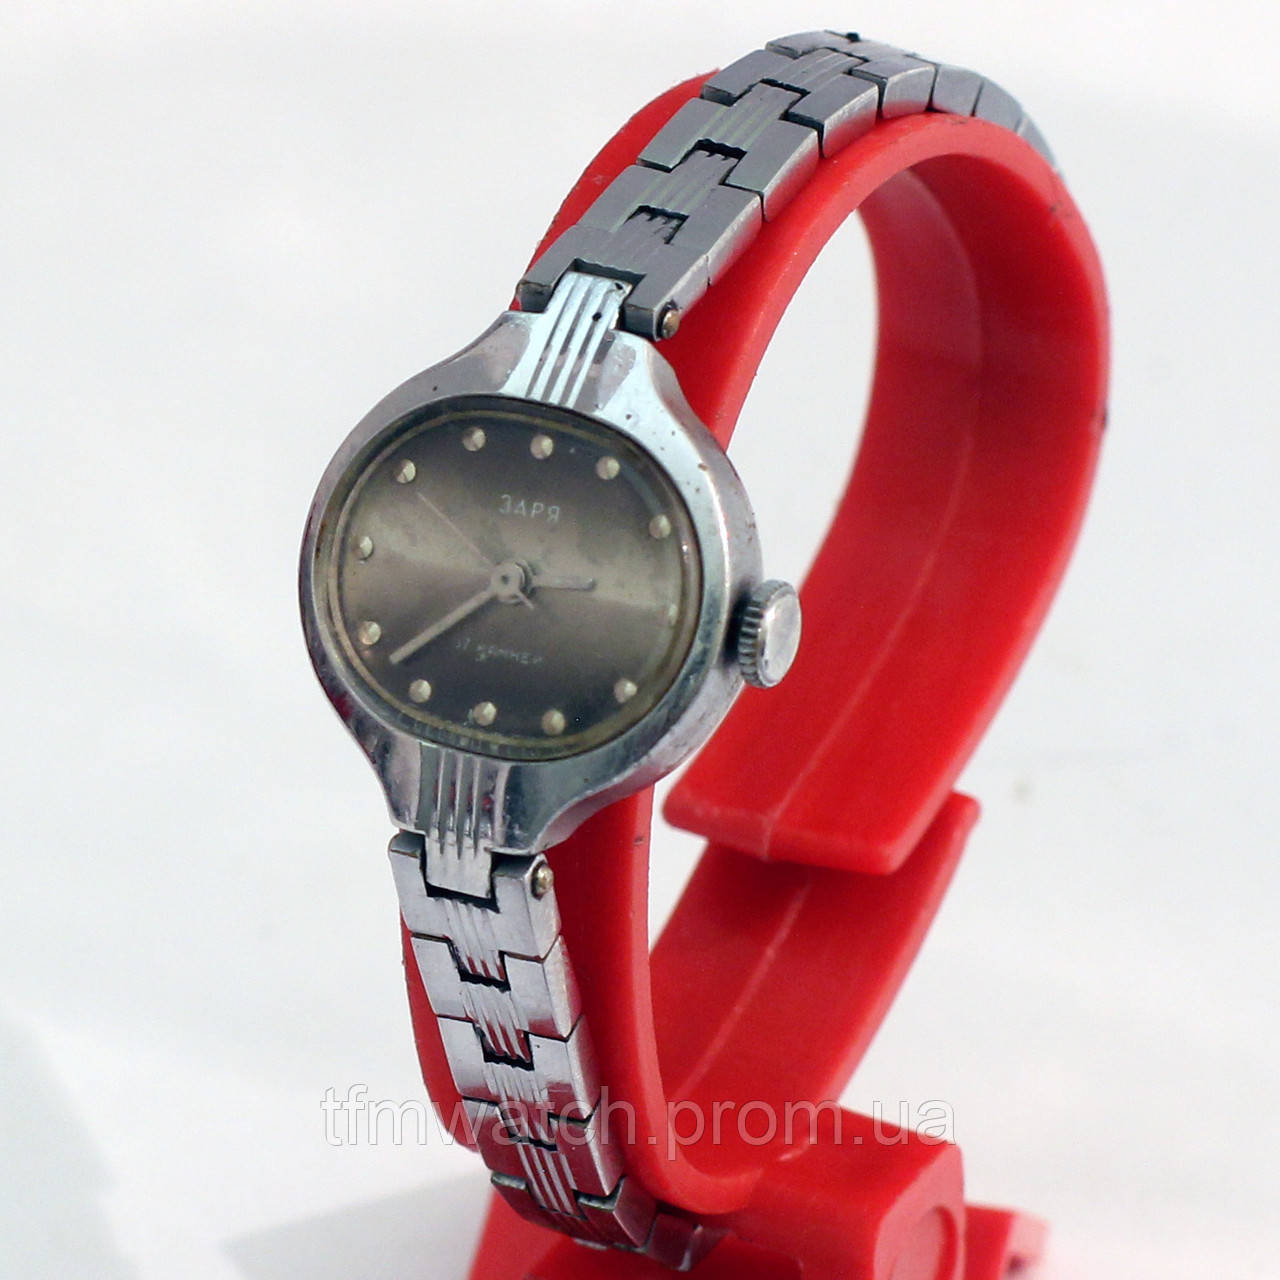 Женские часы Заря СССР